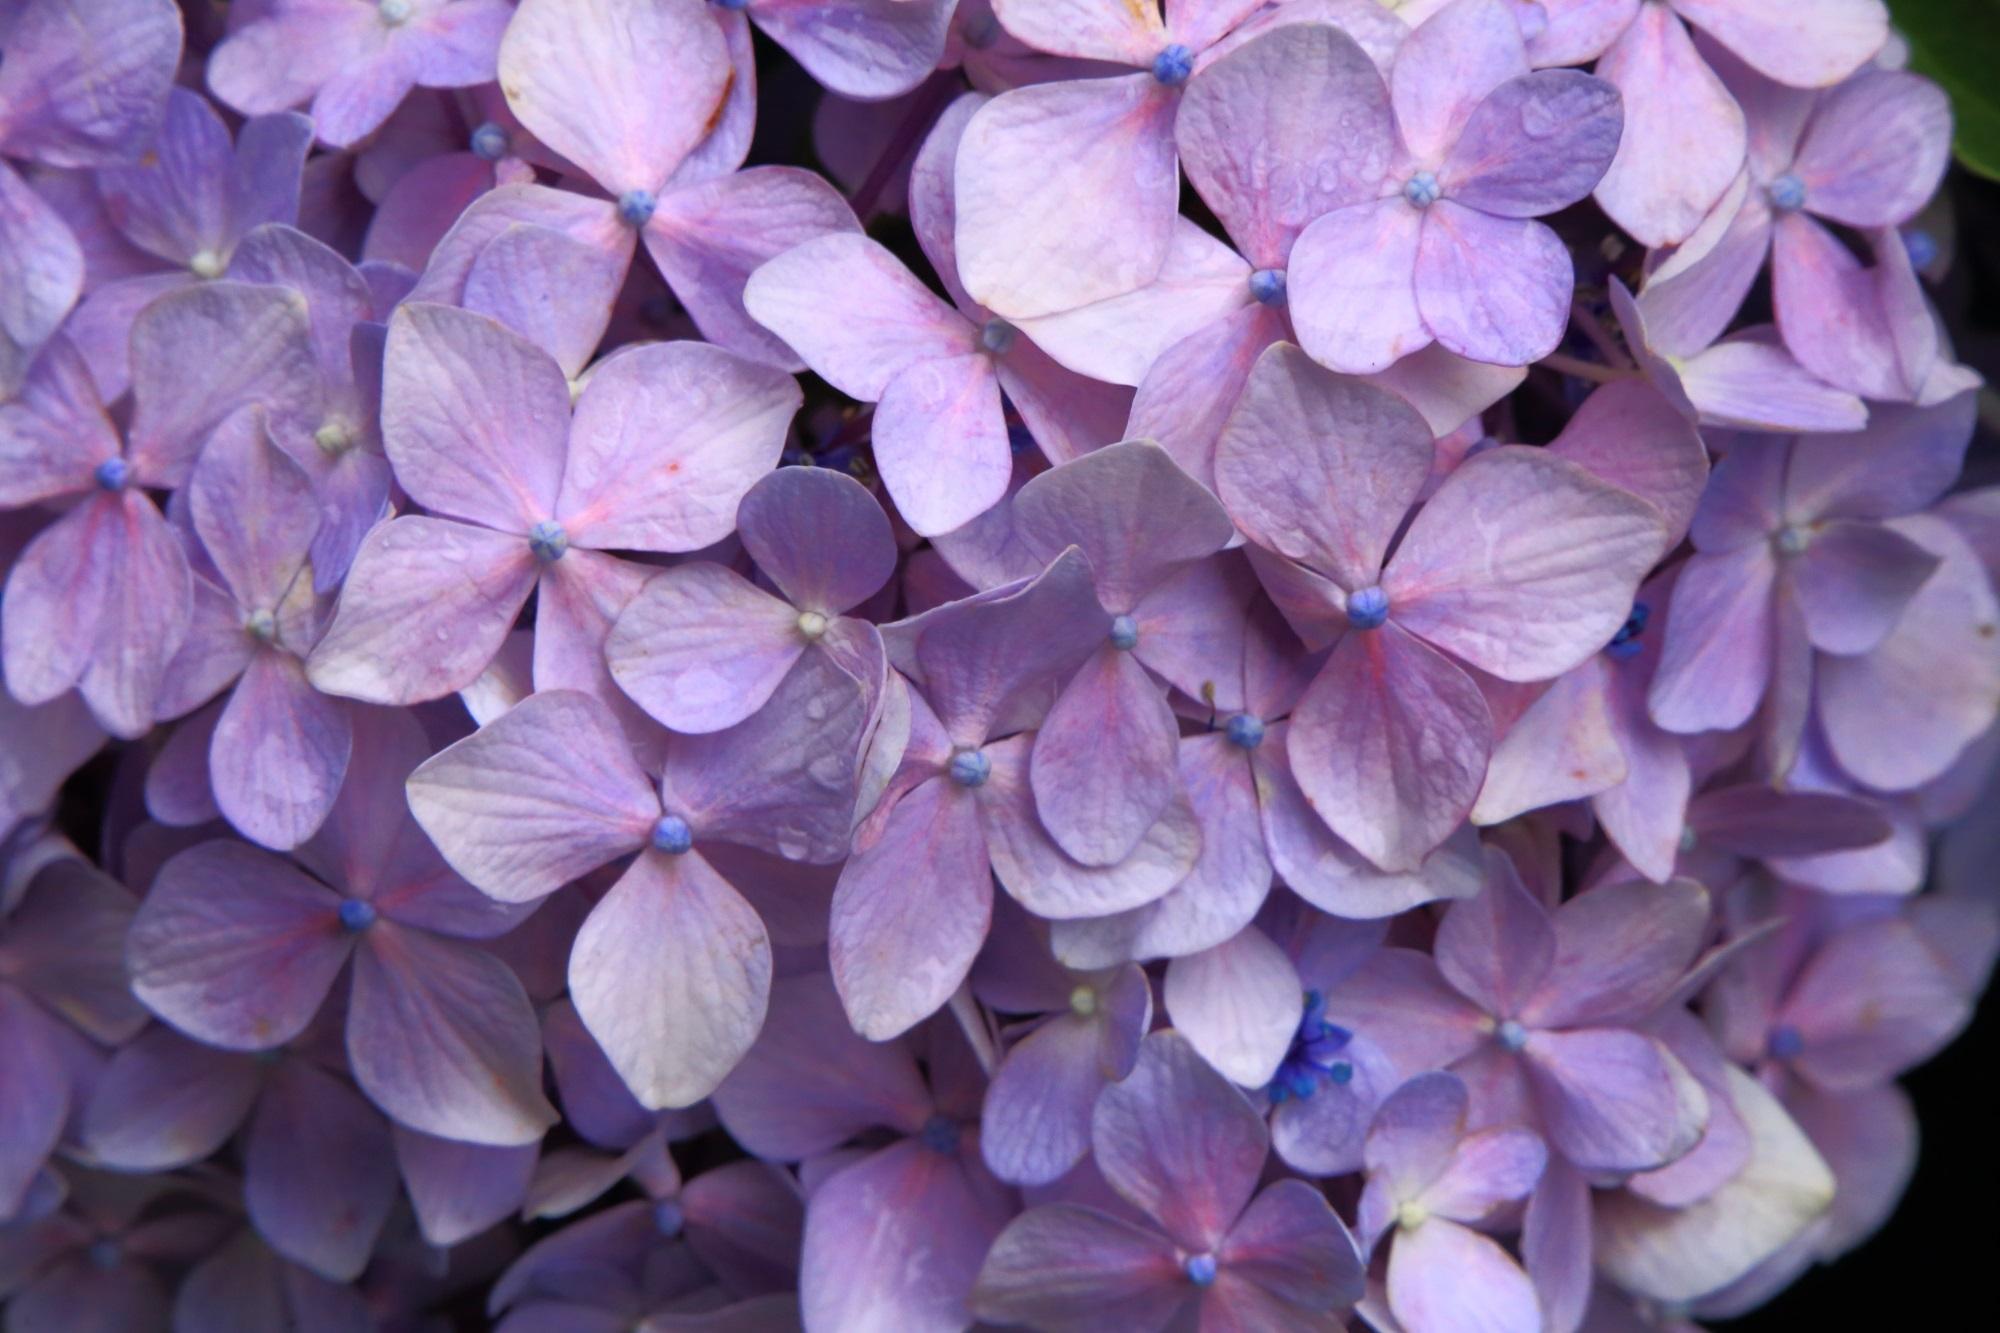 やはり雨が似合う丹波あじさい寺の雨水で濡れた紫陽花